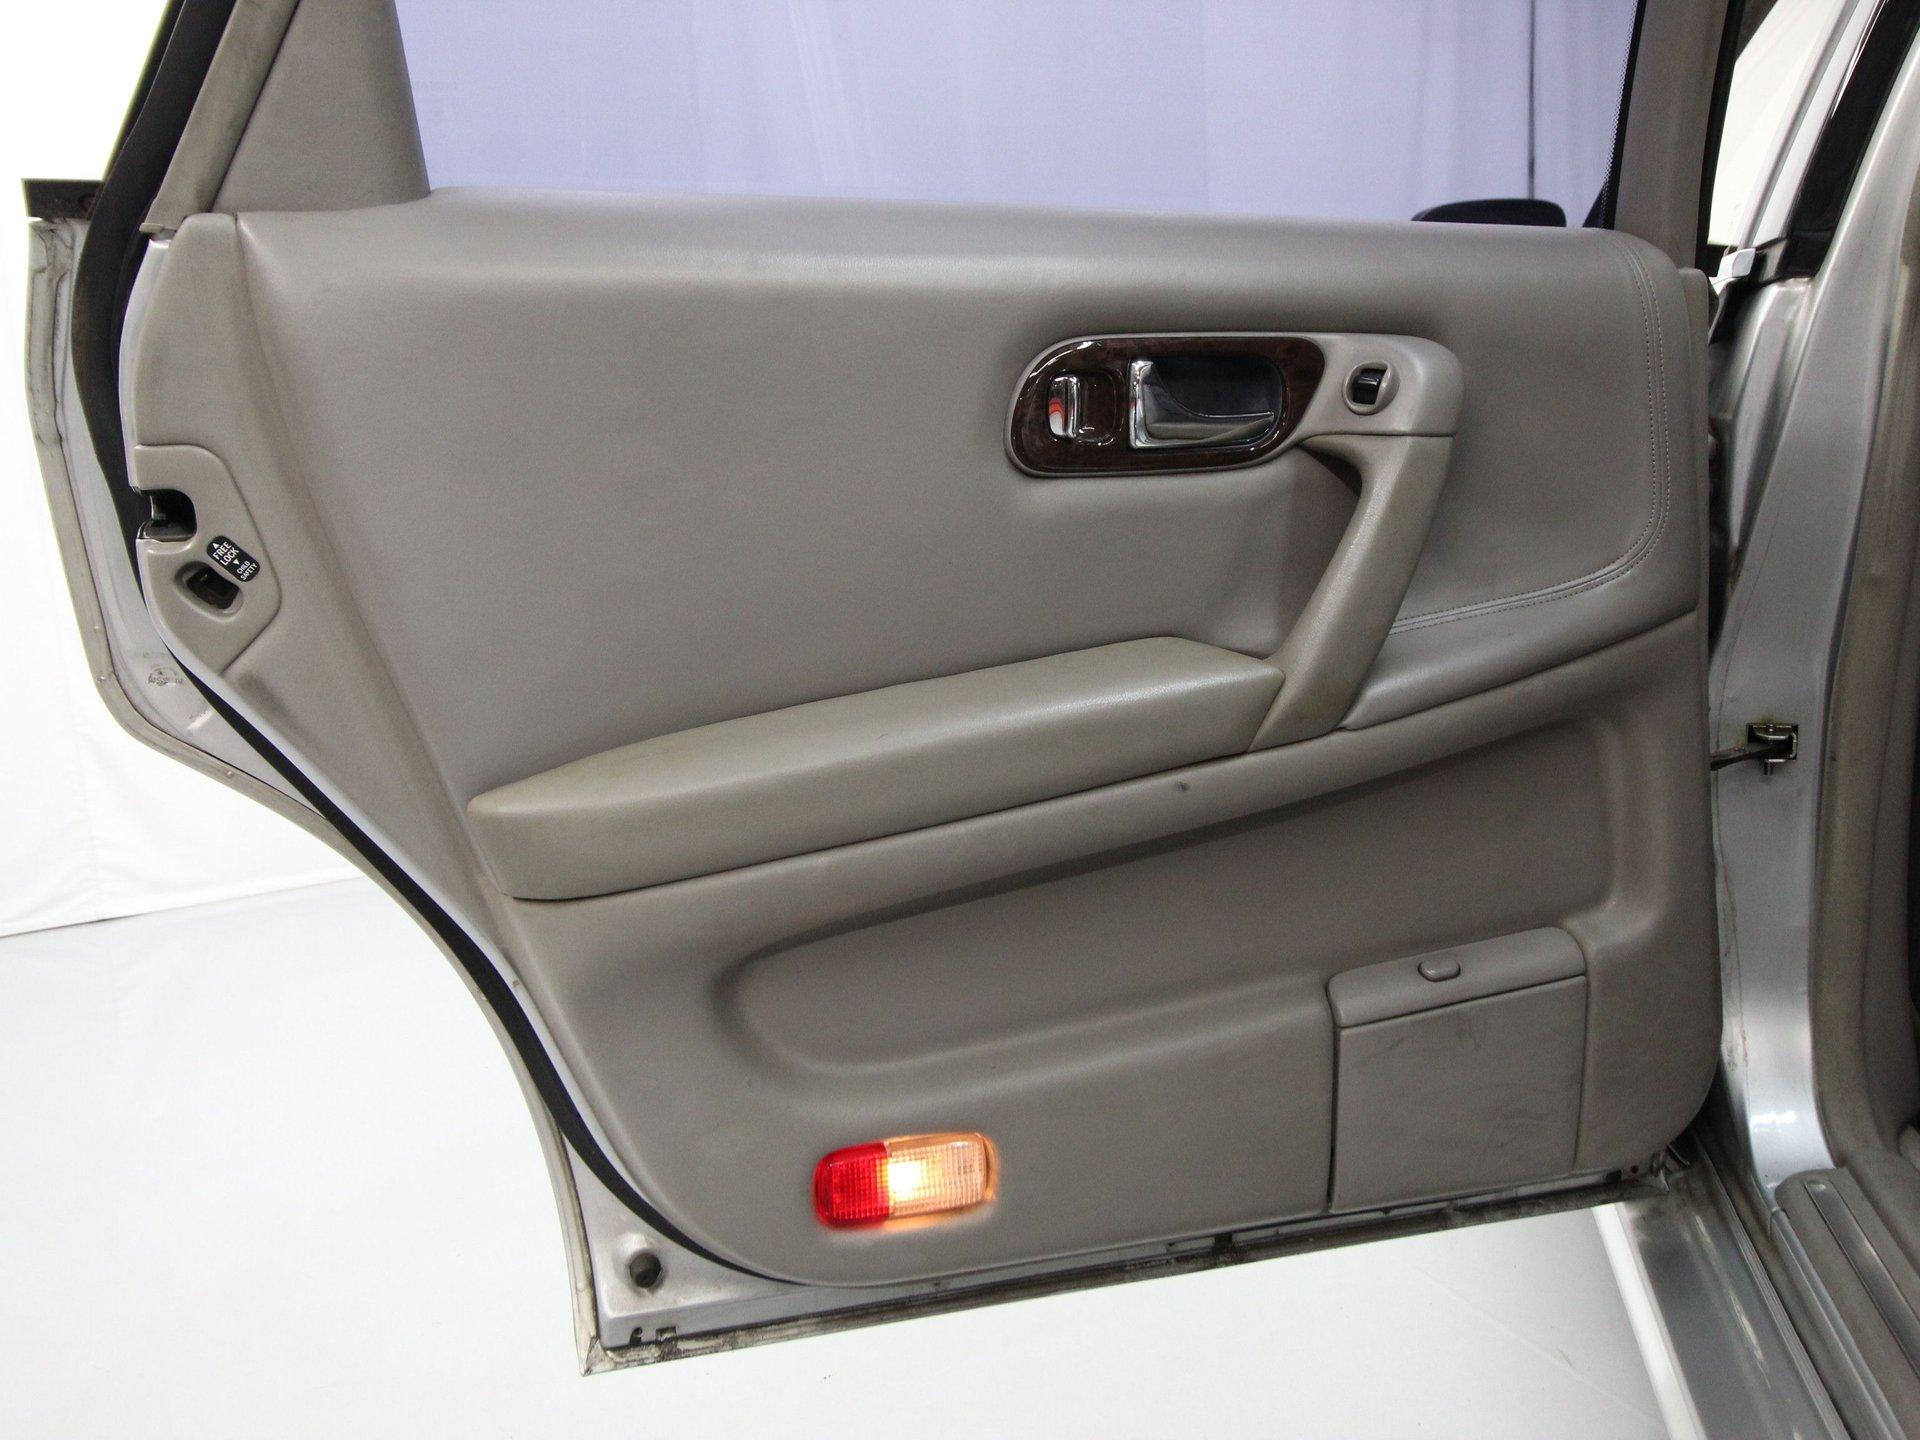 1995 Nissan Infiniti Q45